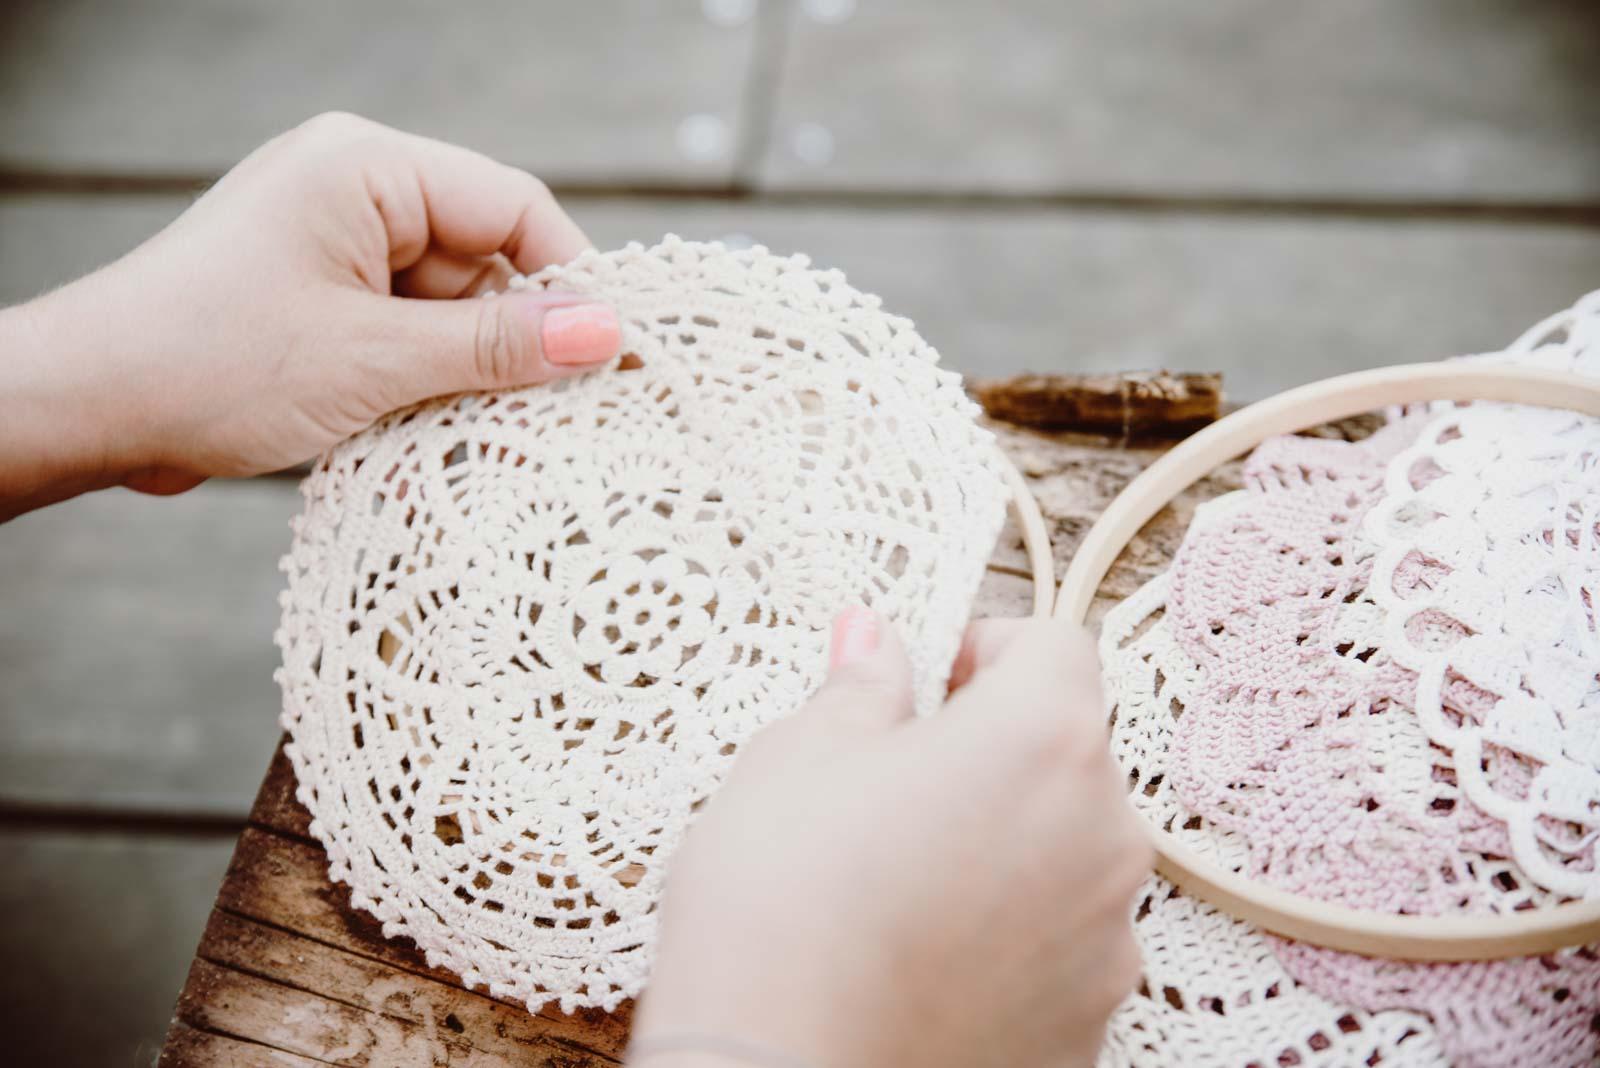 DIY-Dreamcatcher-Boho-Wedding-Dekoration-Traumfaenger-Hochzeitsdekoration-36